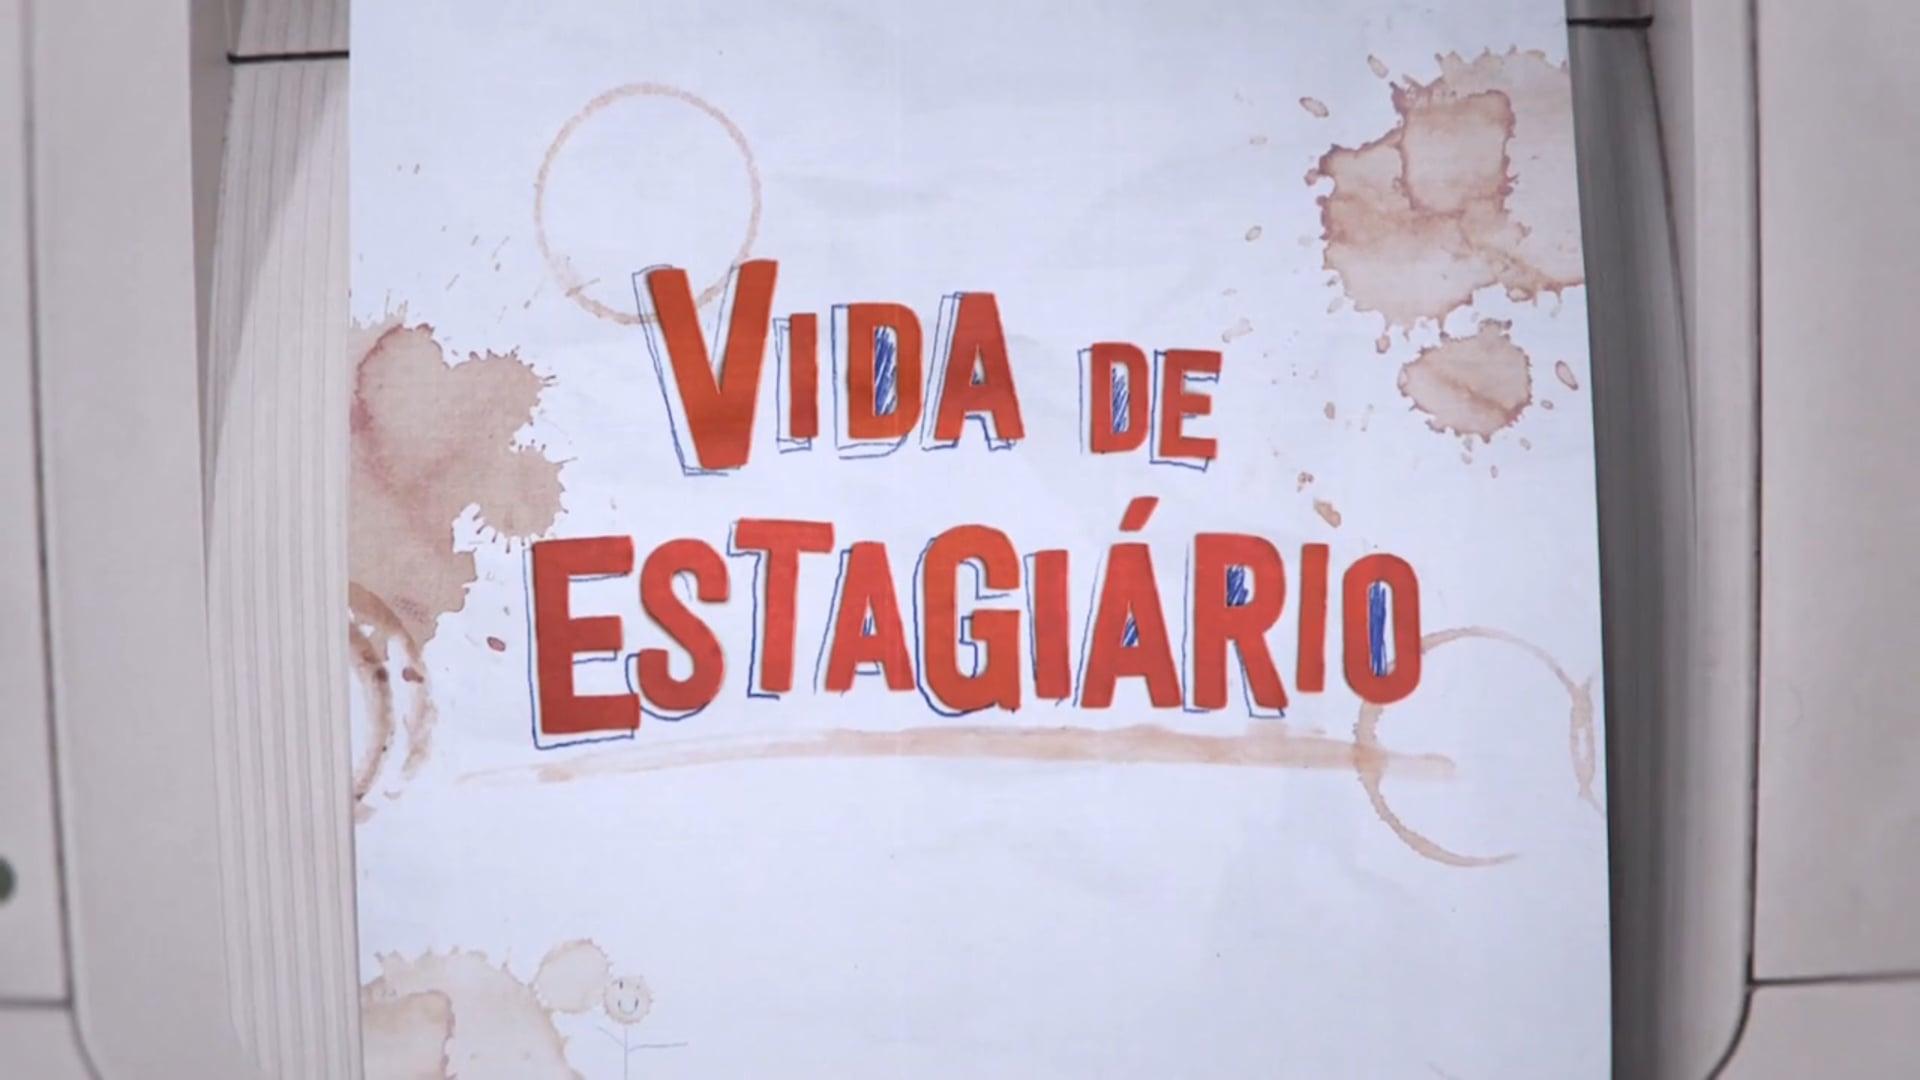 Vida de Estagiário - Série de TV - Warner Channel